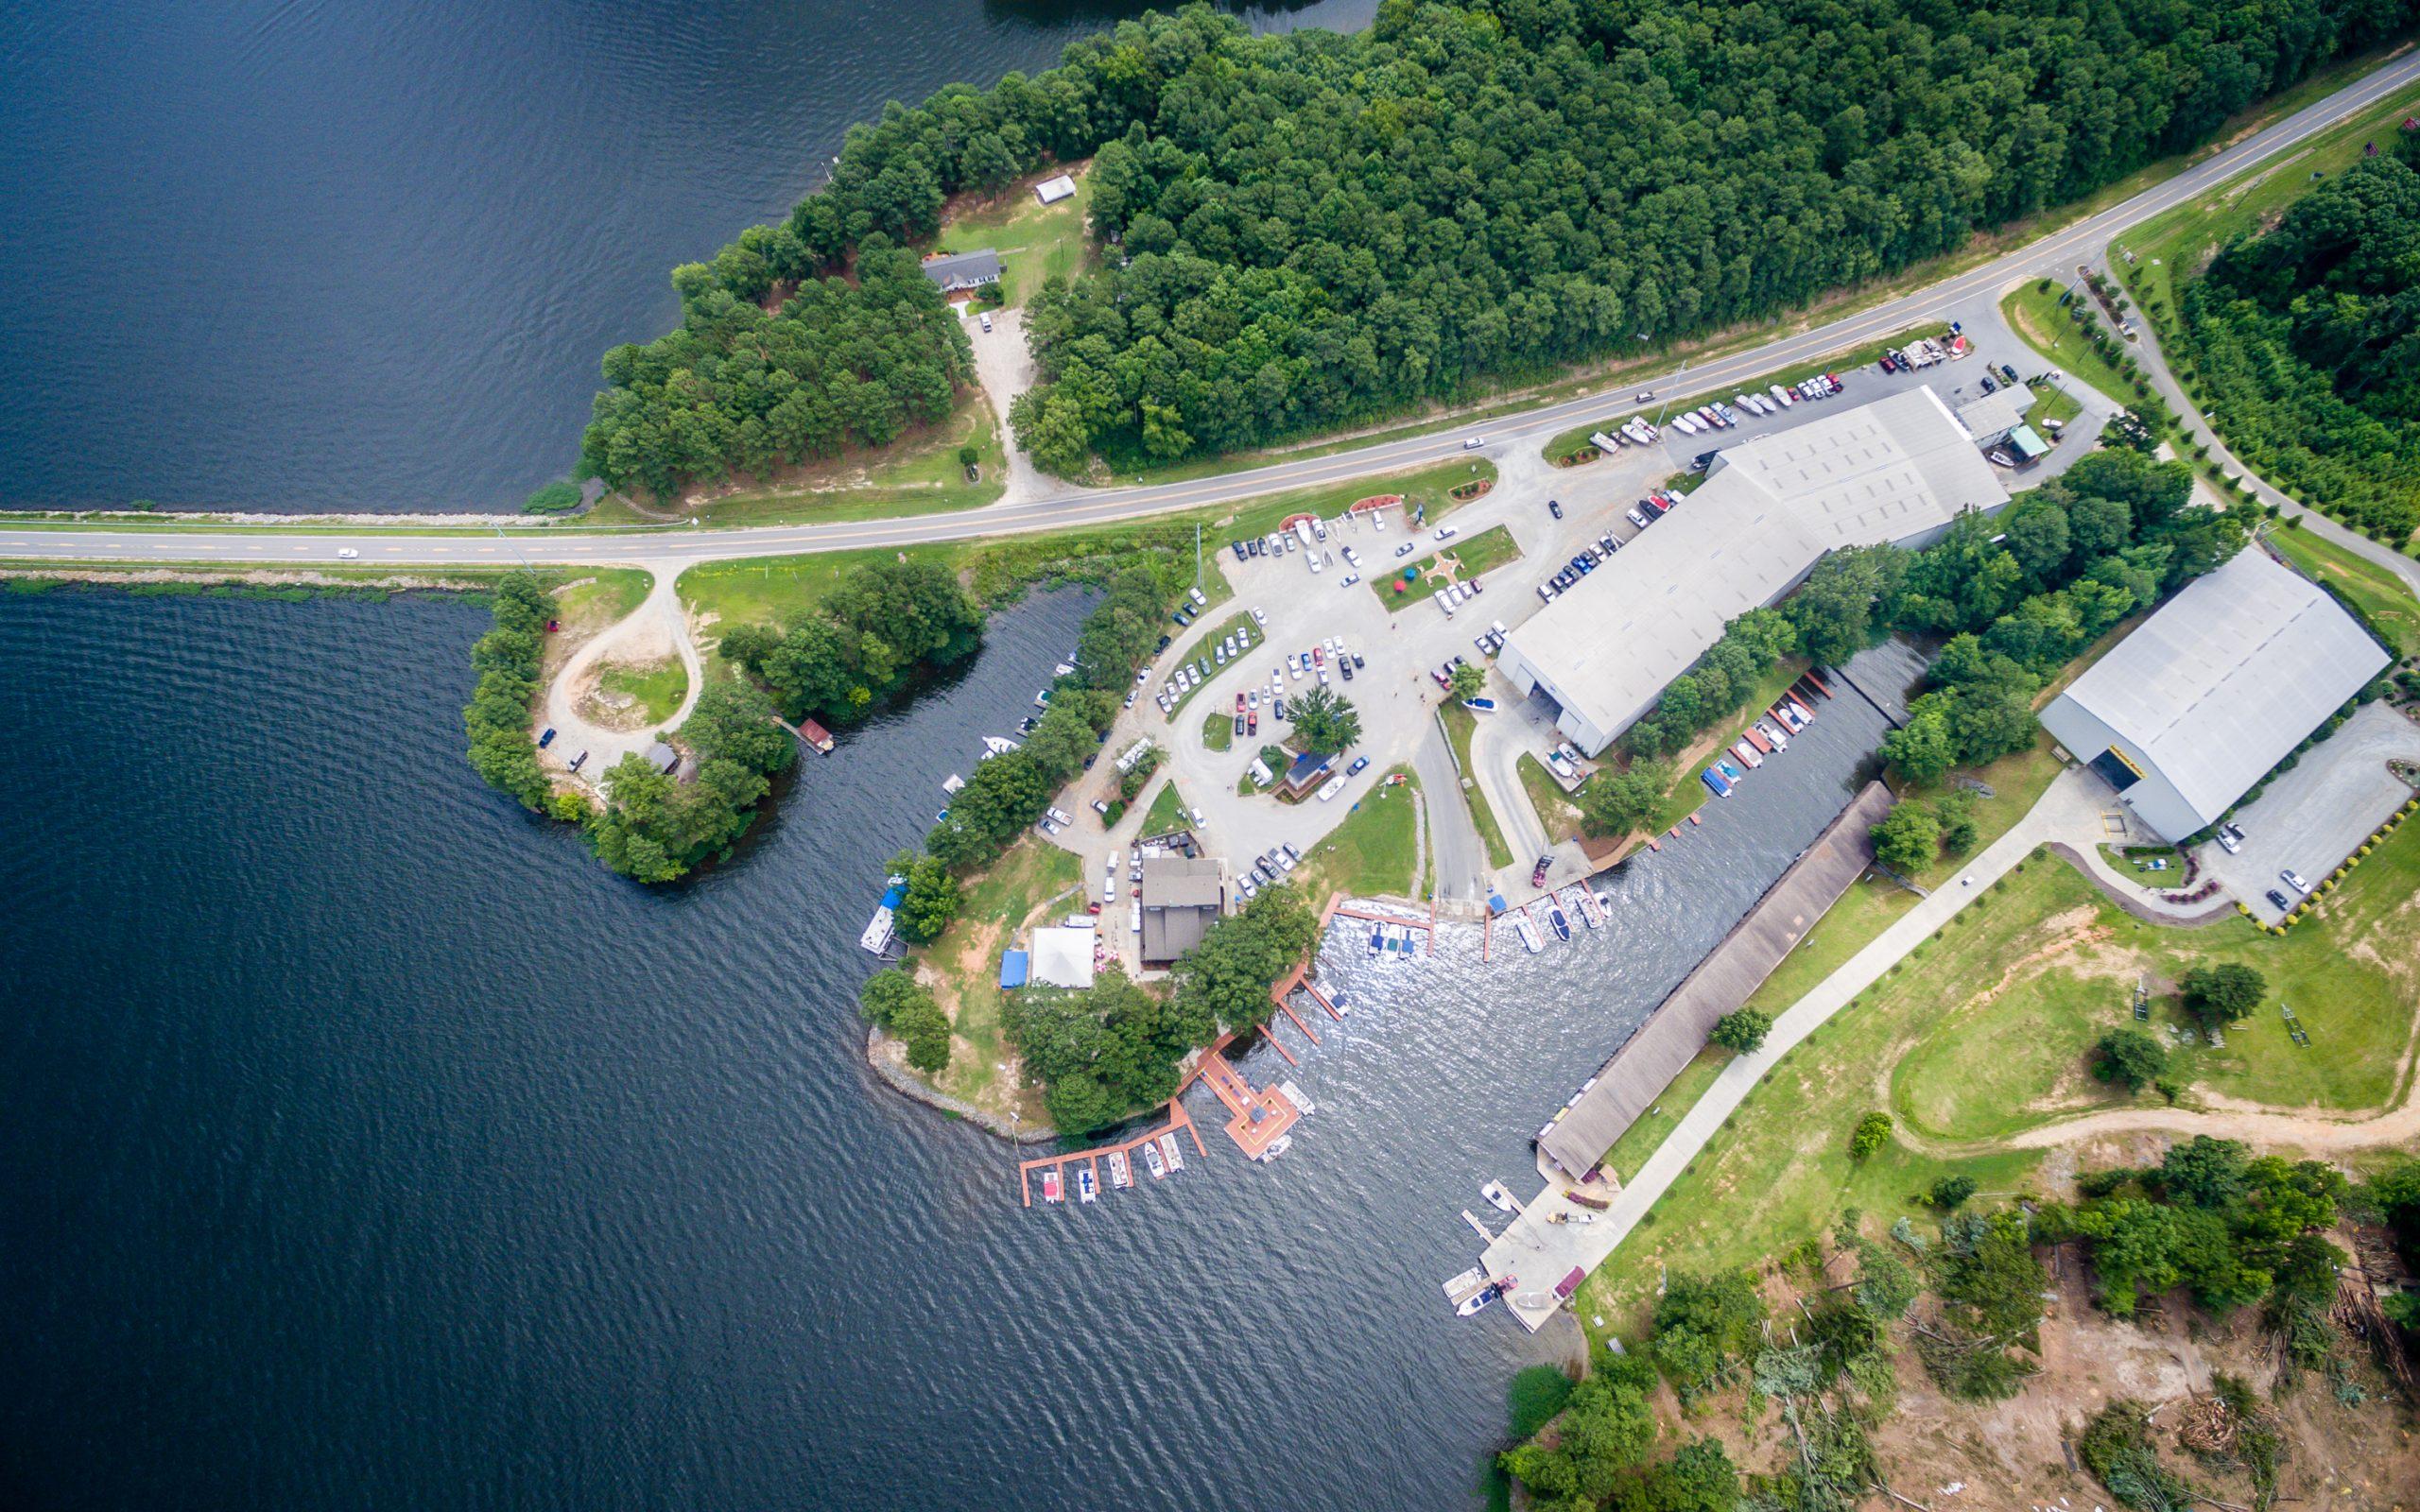 aerial view of Eaton Ferry Marina on lake Gaston